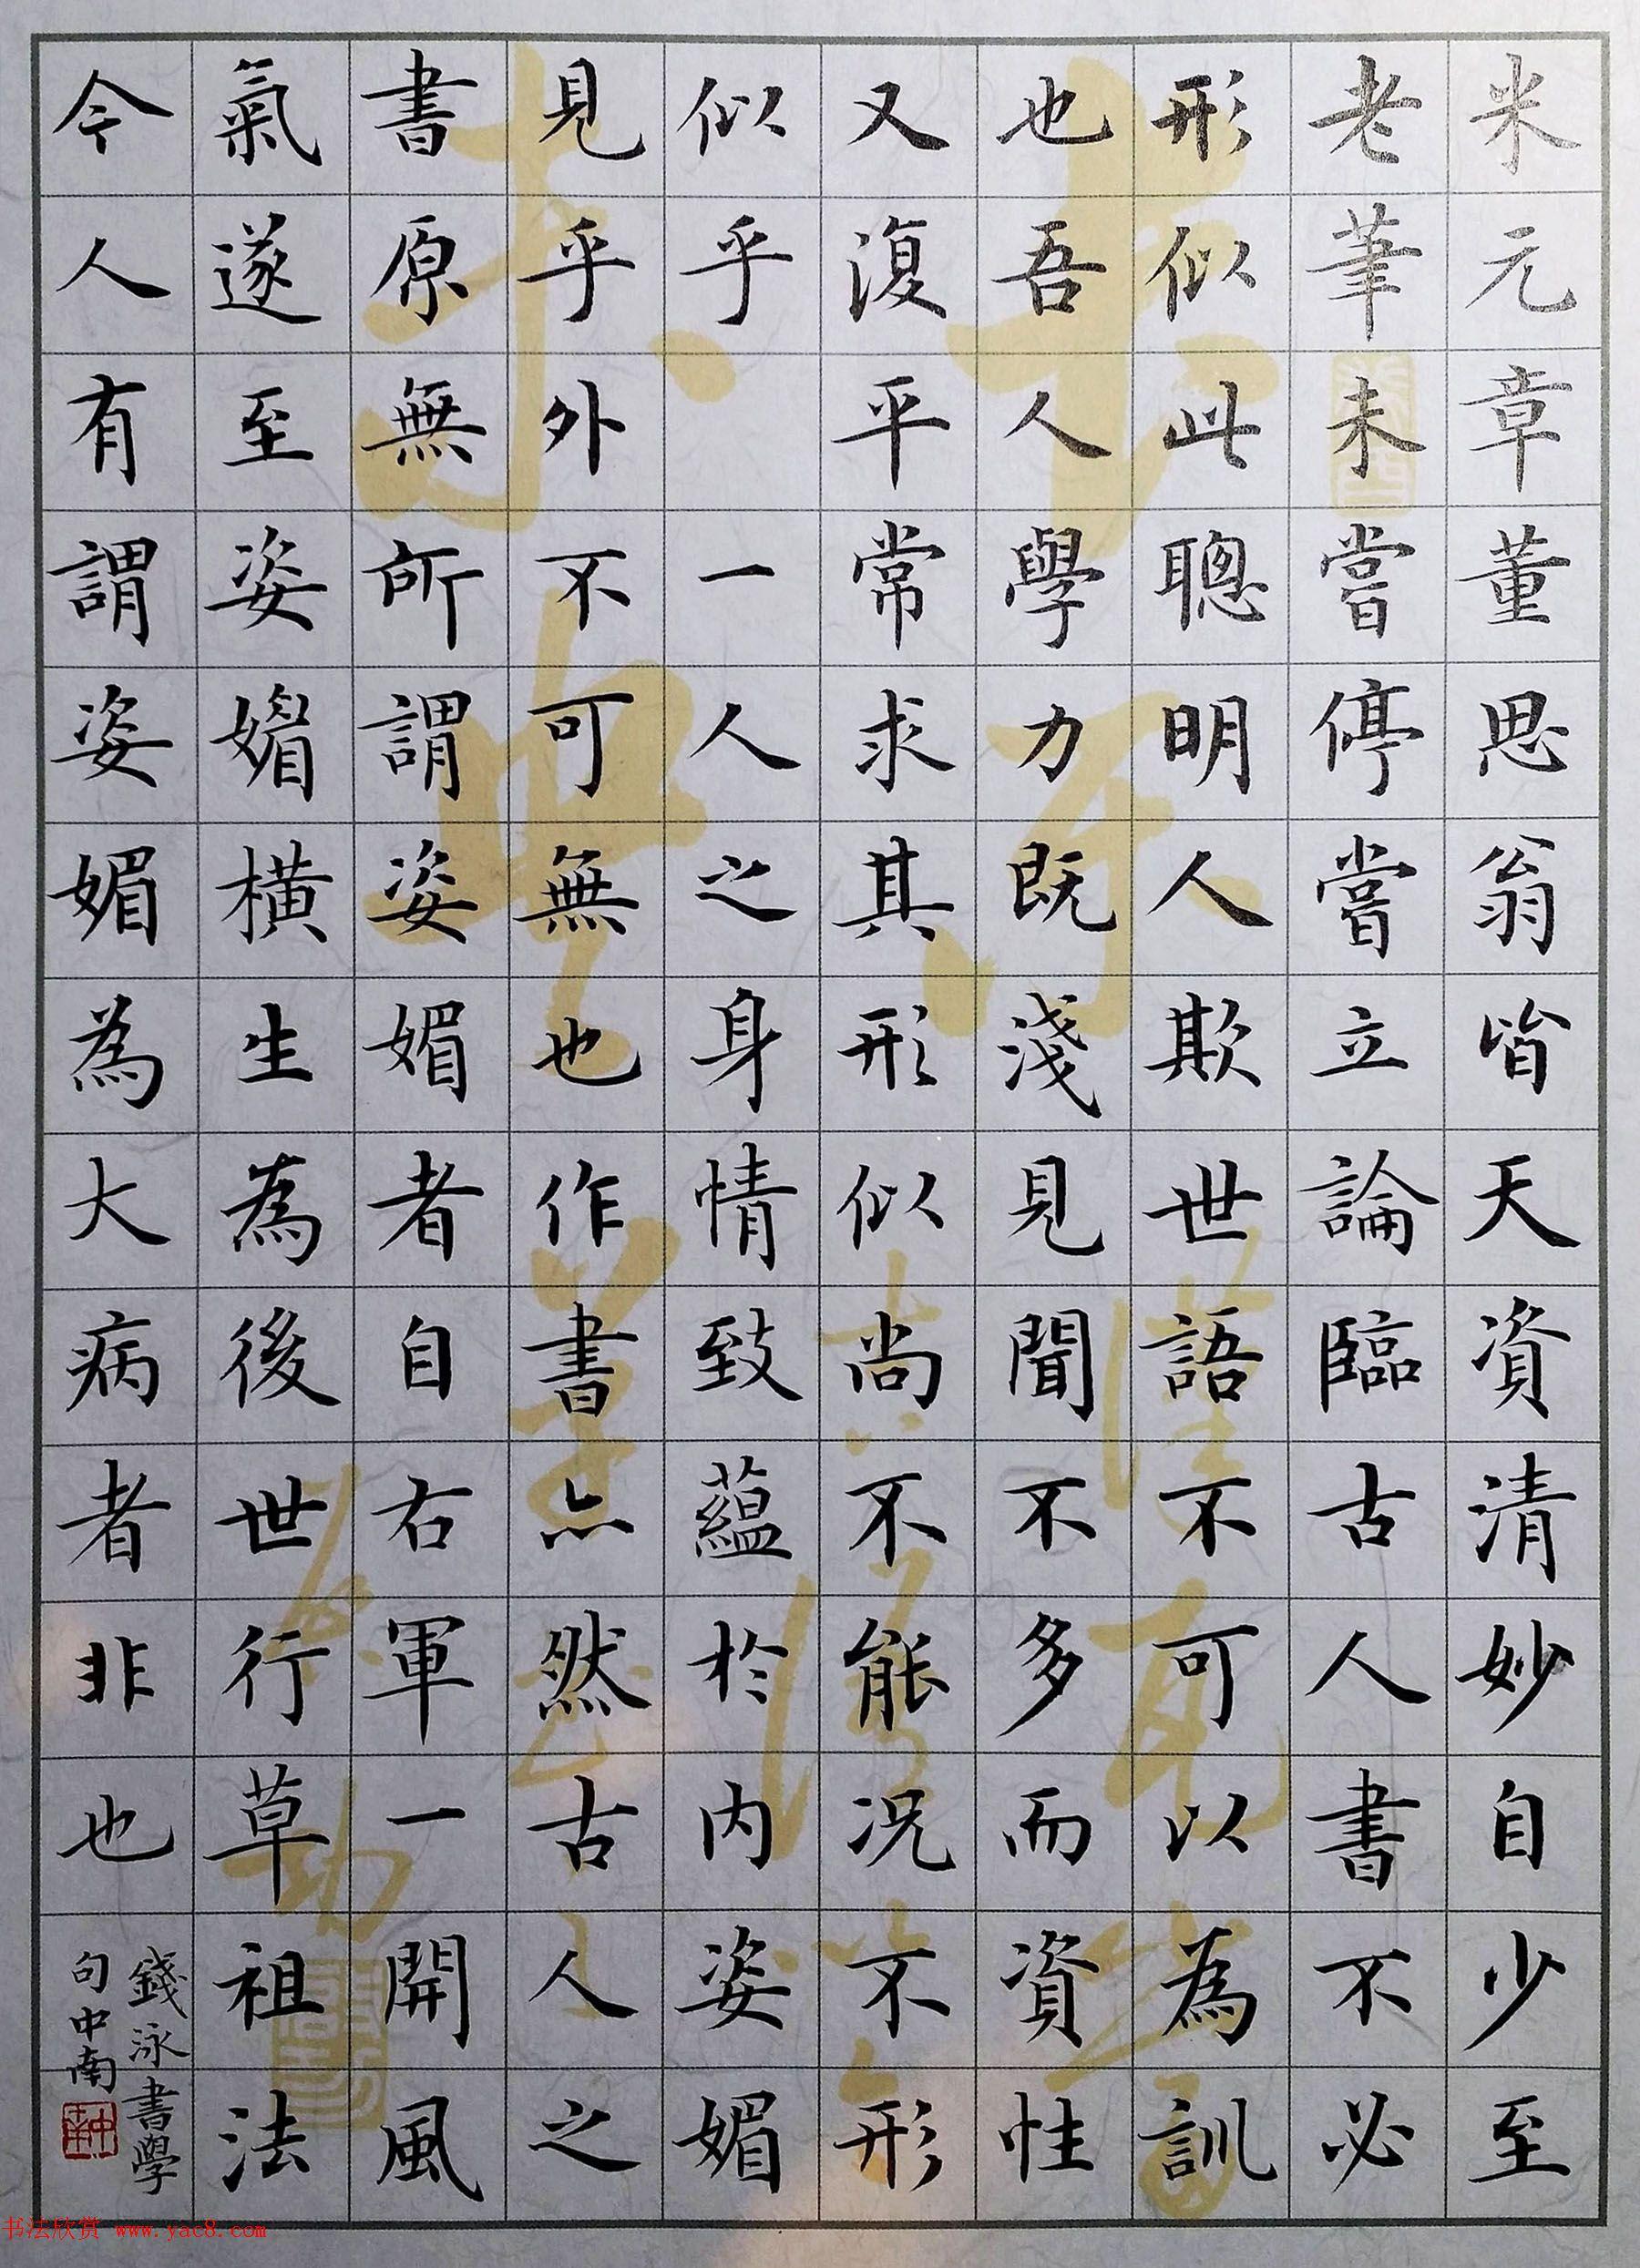 卢中南小楷书法作品两幅高清大图欣赏 第2页 毛笔书法 书法欣赏图片